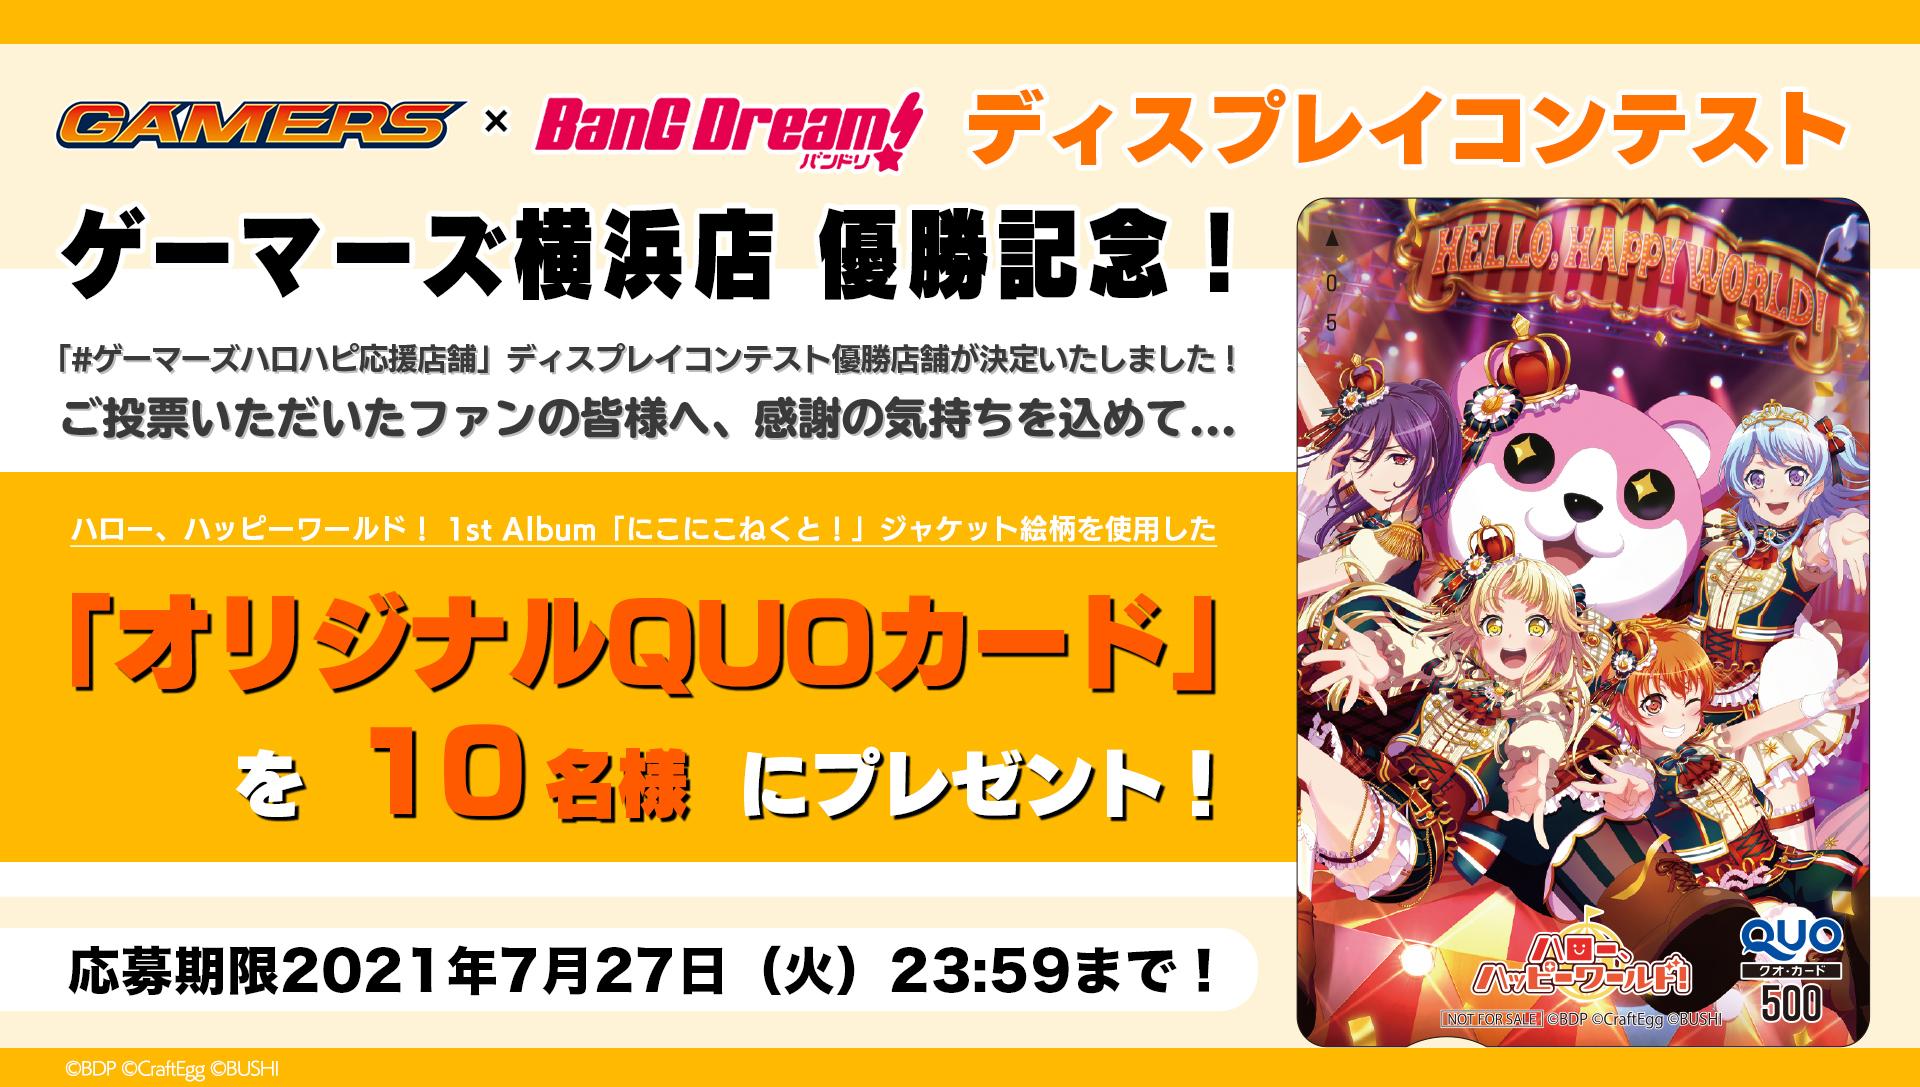 ゲーマーズ×BanG Dream! ディスプレイコンテスト 横浜店優勝記念! Wフォロー&RTキャンペーン開催!